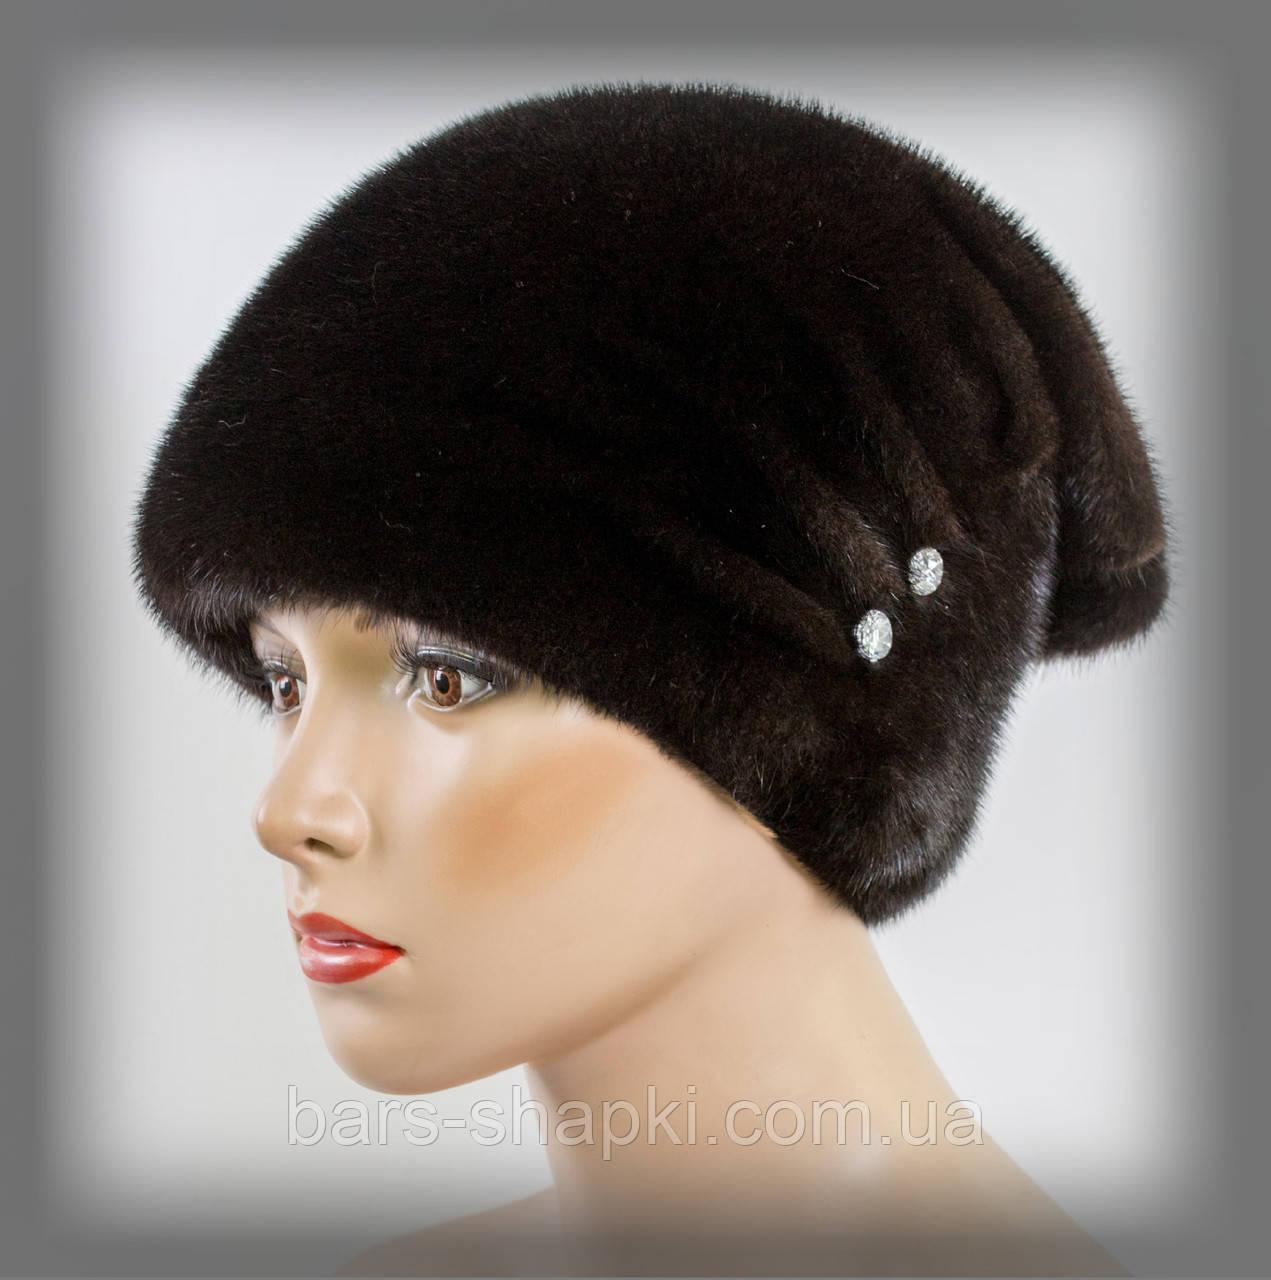 Хутряна шапка з норки зі складками (темно-коричнева)